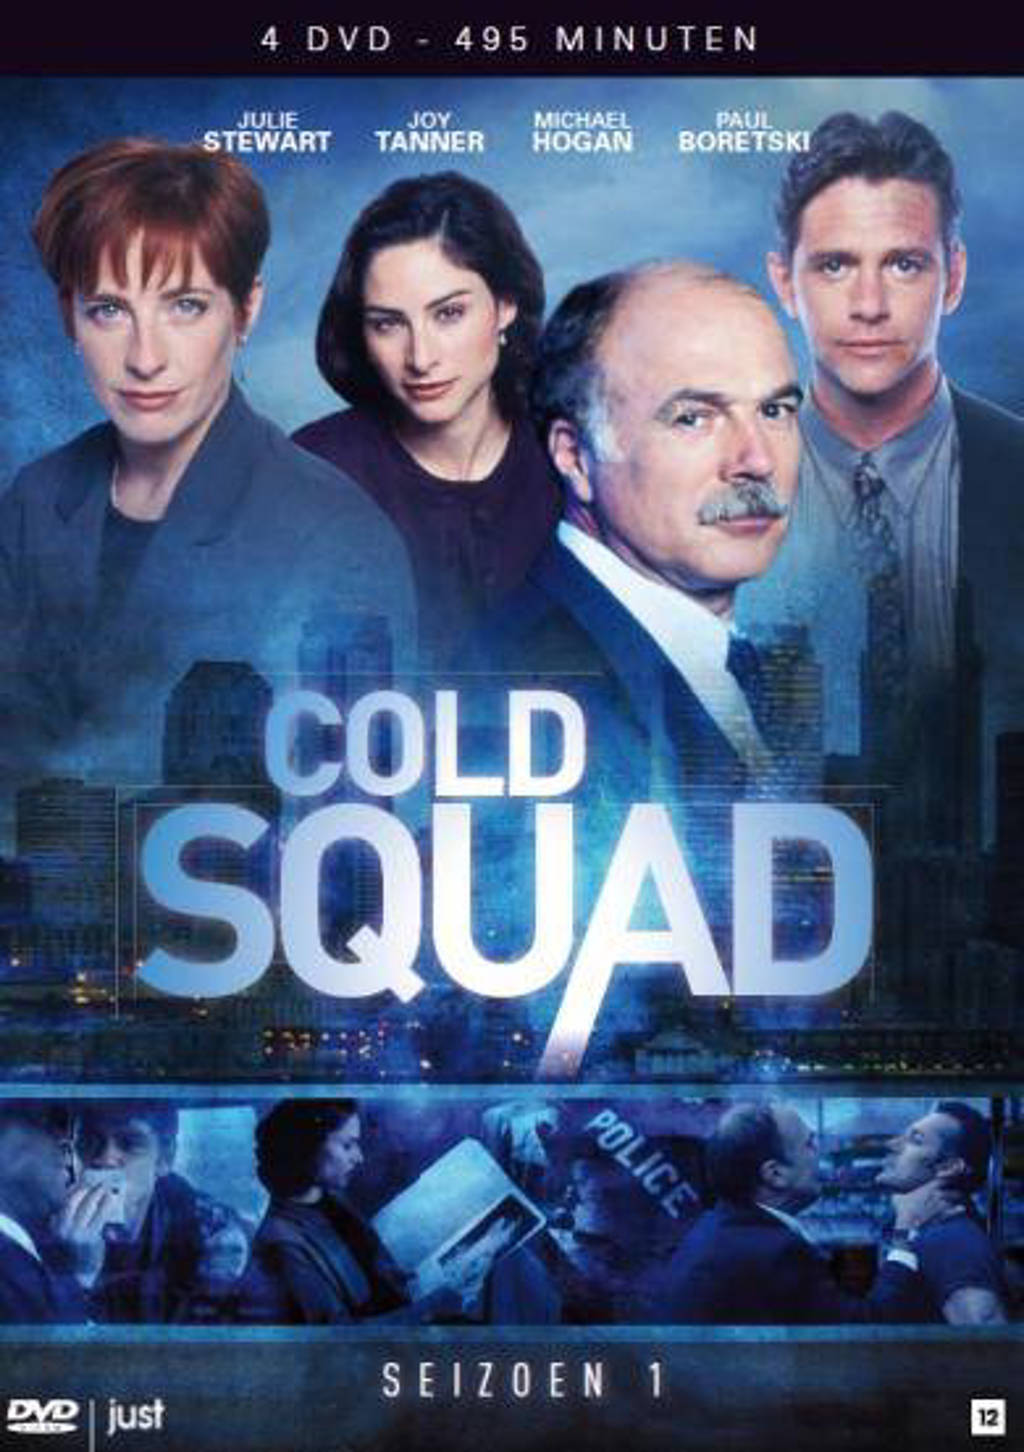 Cold squad - Seizoen 1 (DVD)